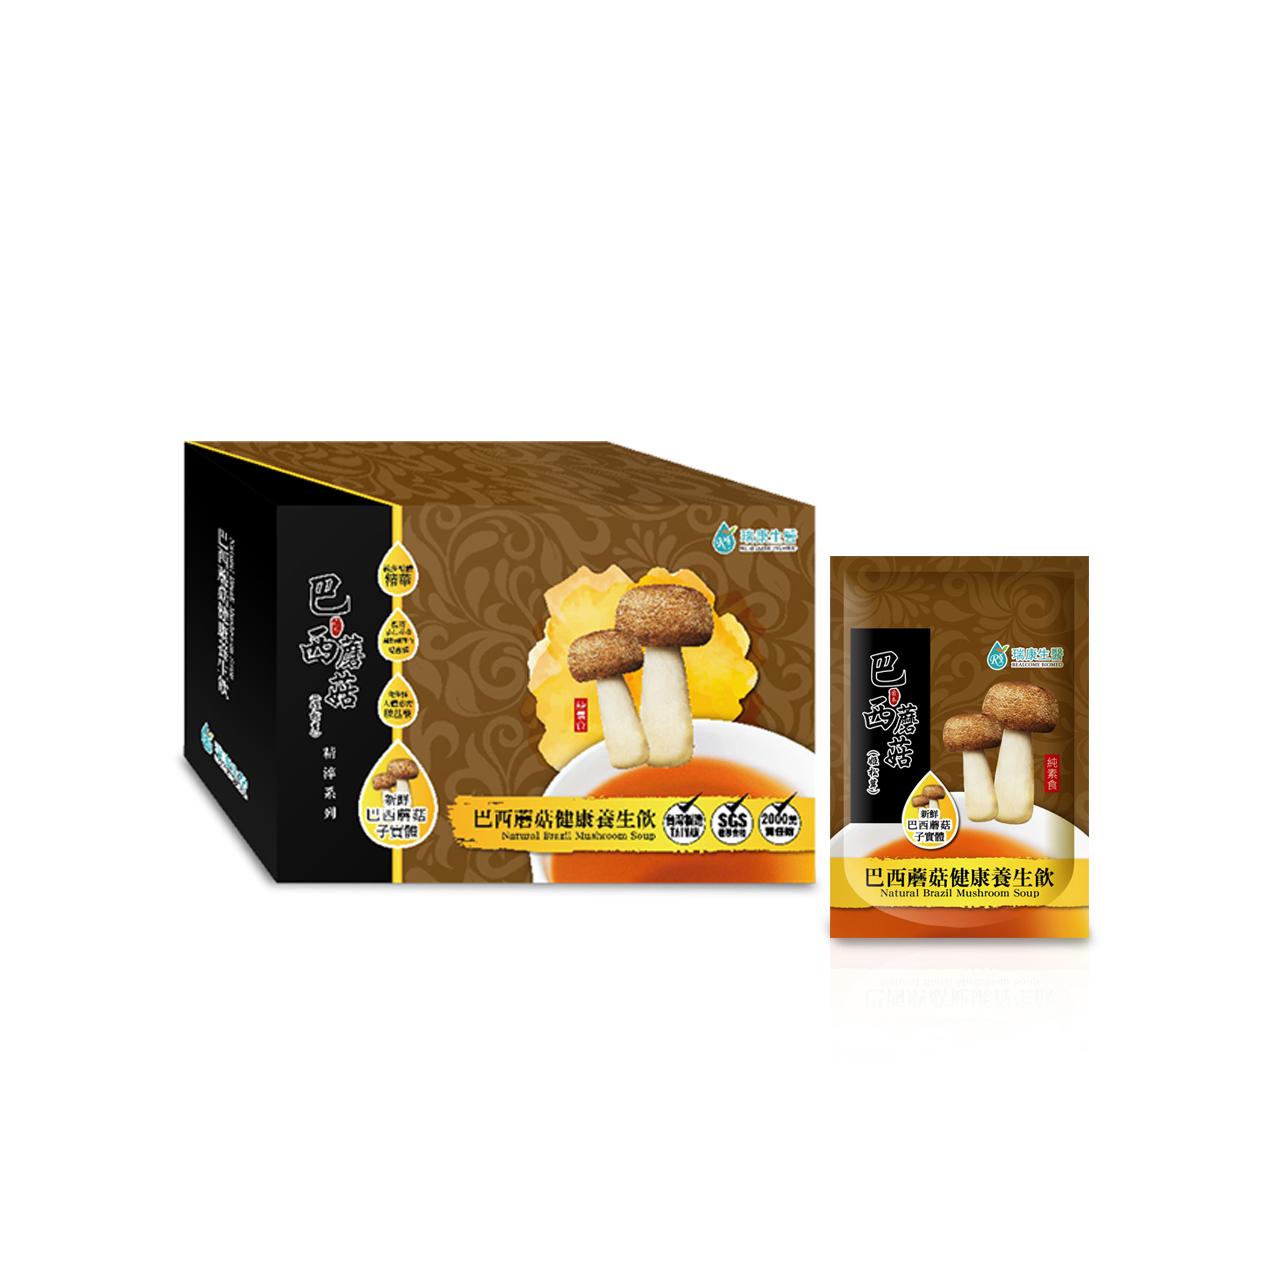 《瑞康生醫》巴西蘑菇(姬松茸)健康養生飲